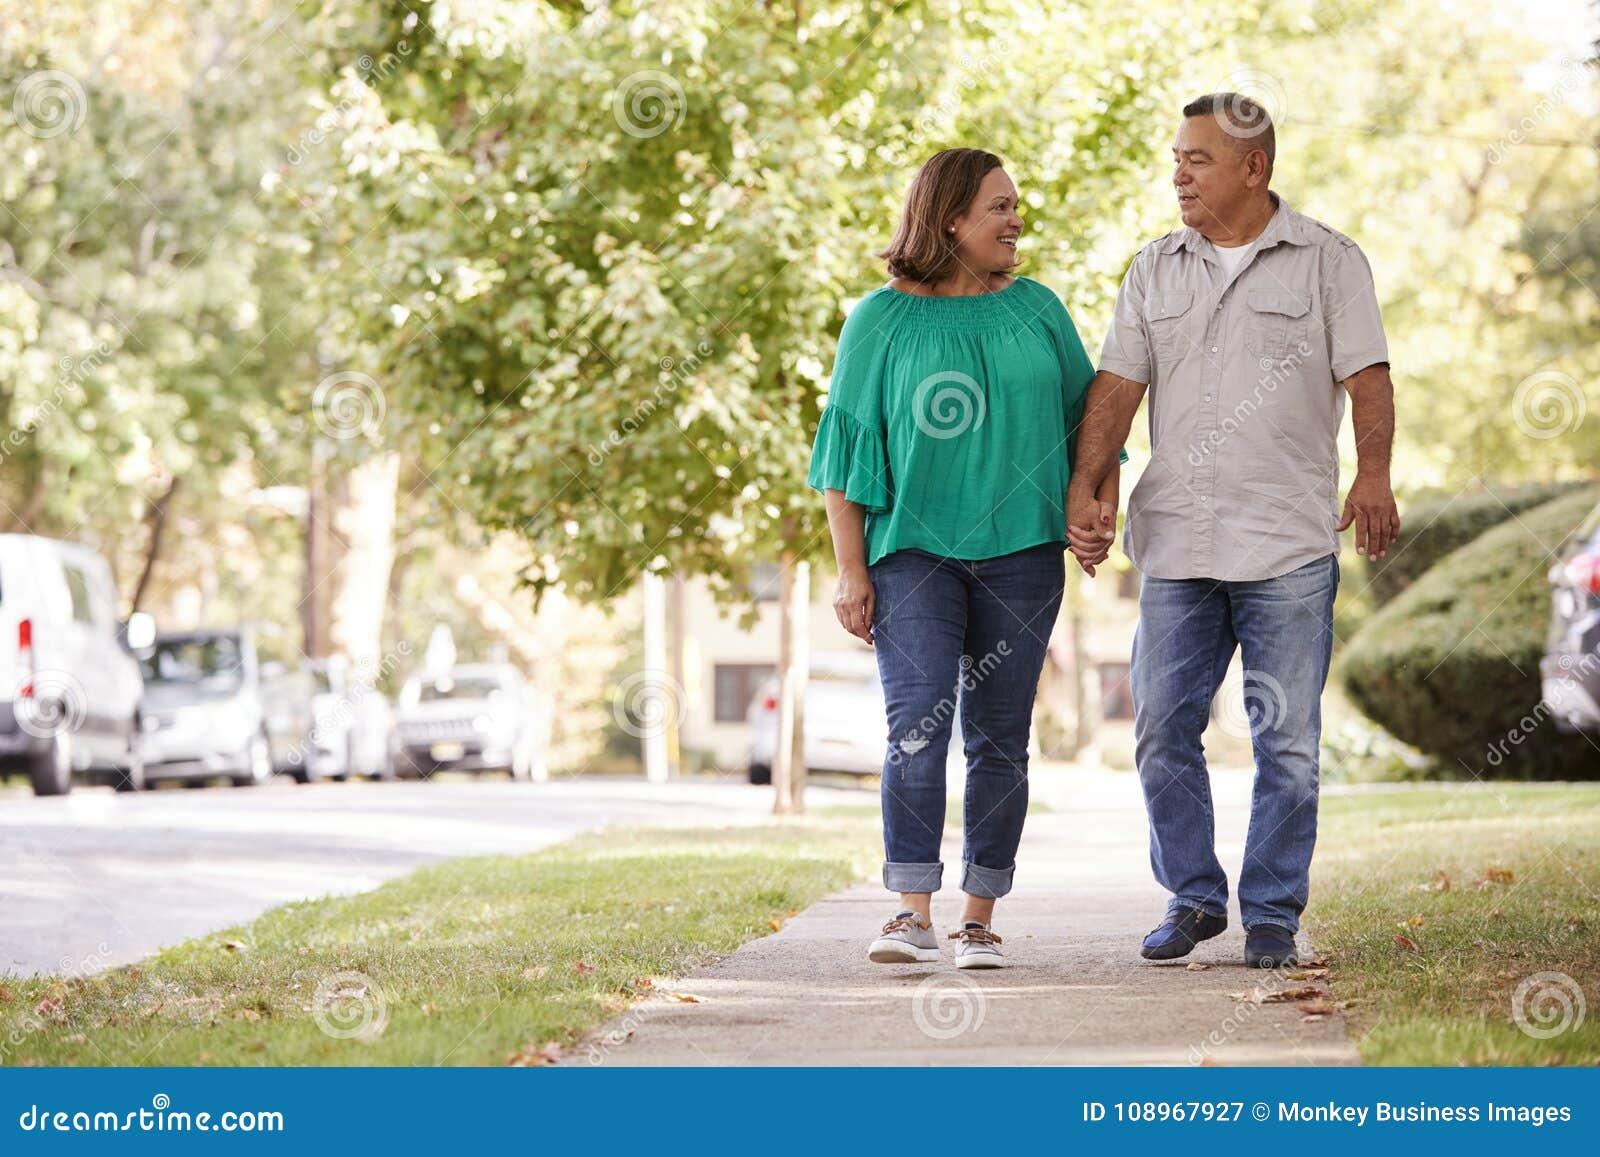 Ανώτερο ζεύγος που περπατά κατά μήκος των προαστιακών χεριών εκμετάλλευσης οδών